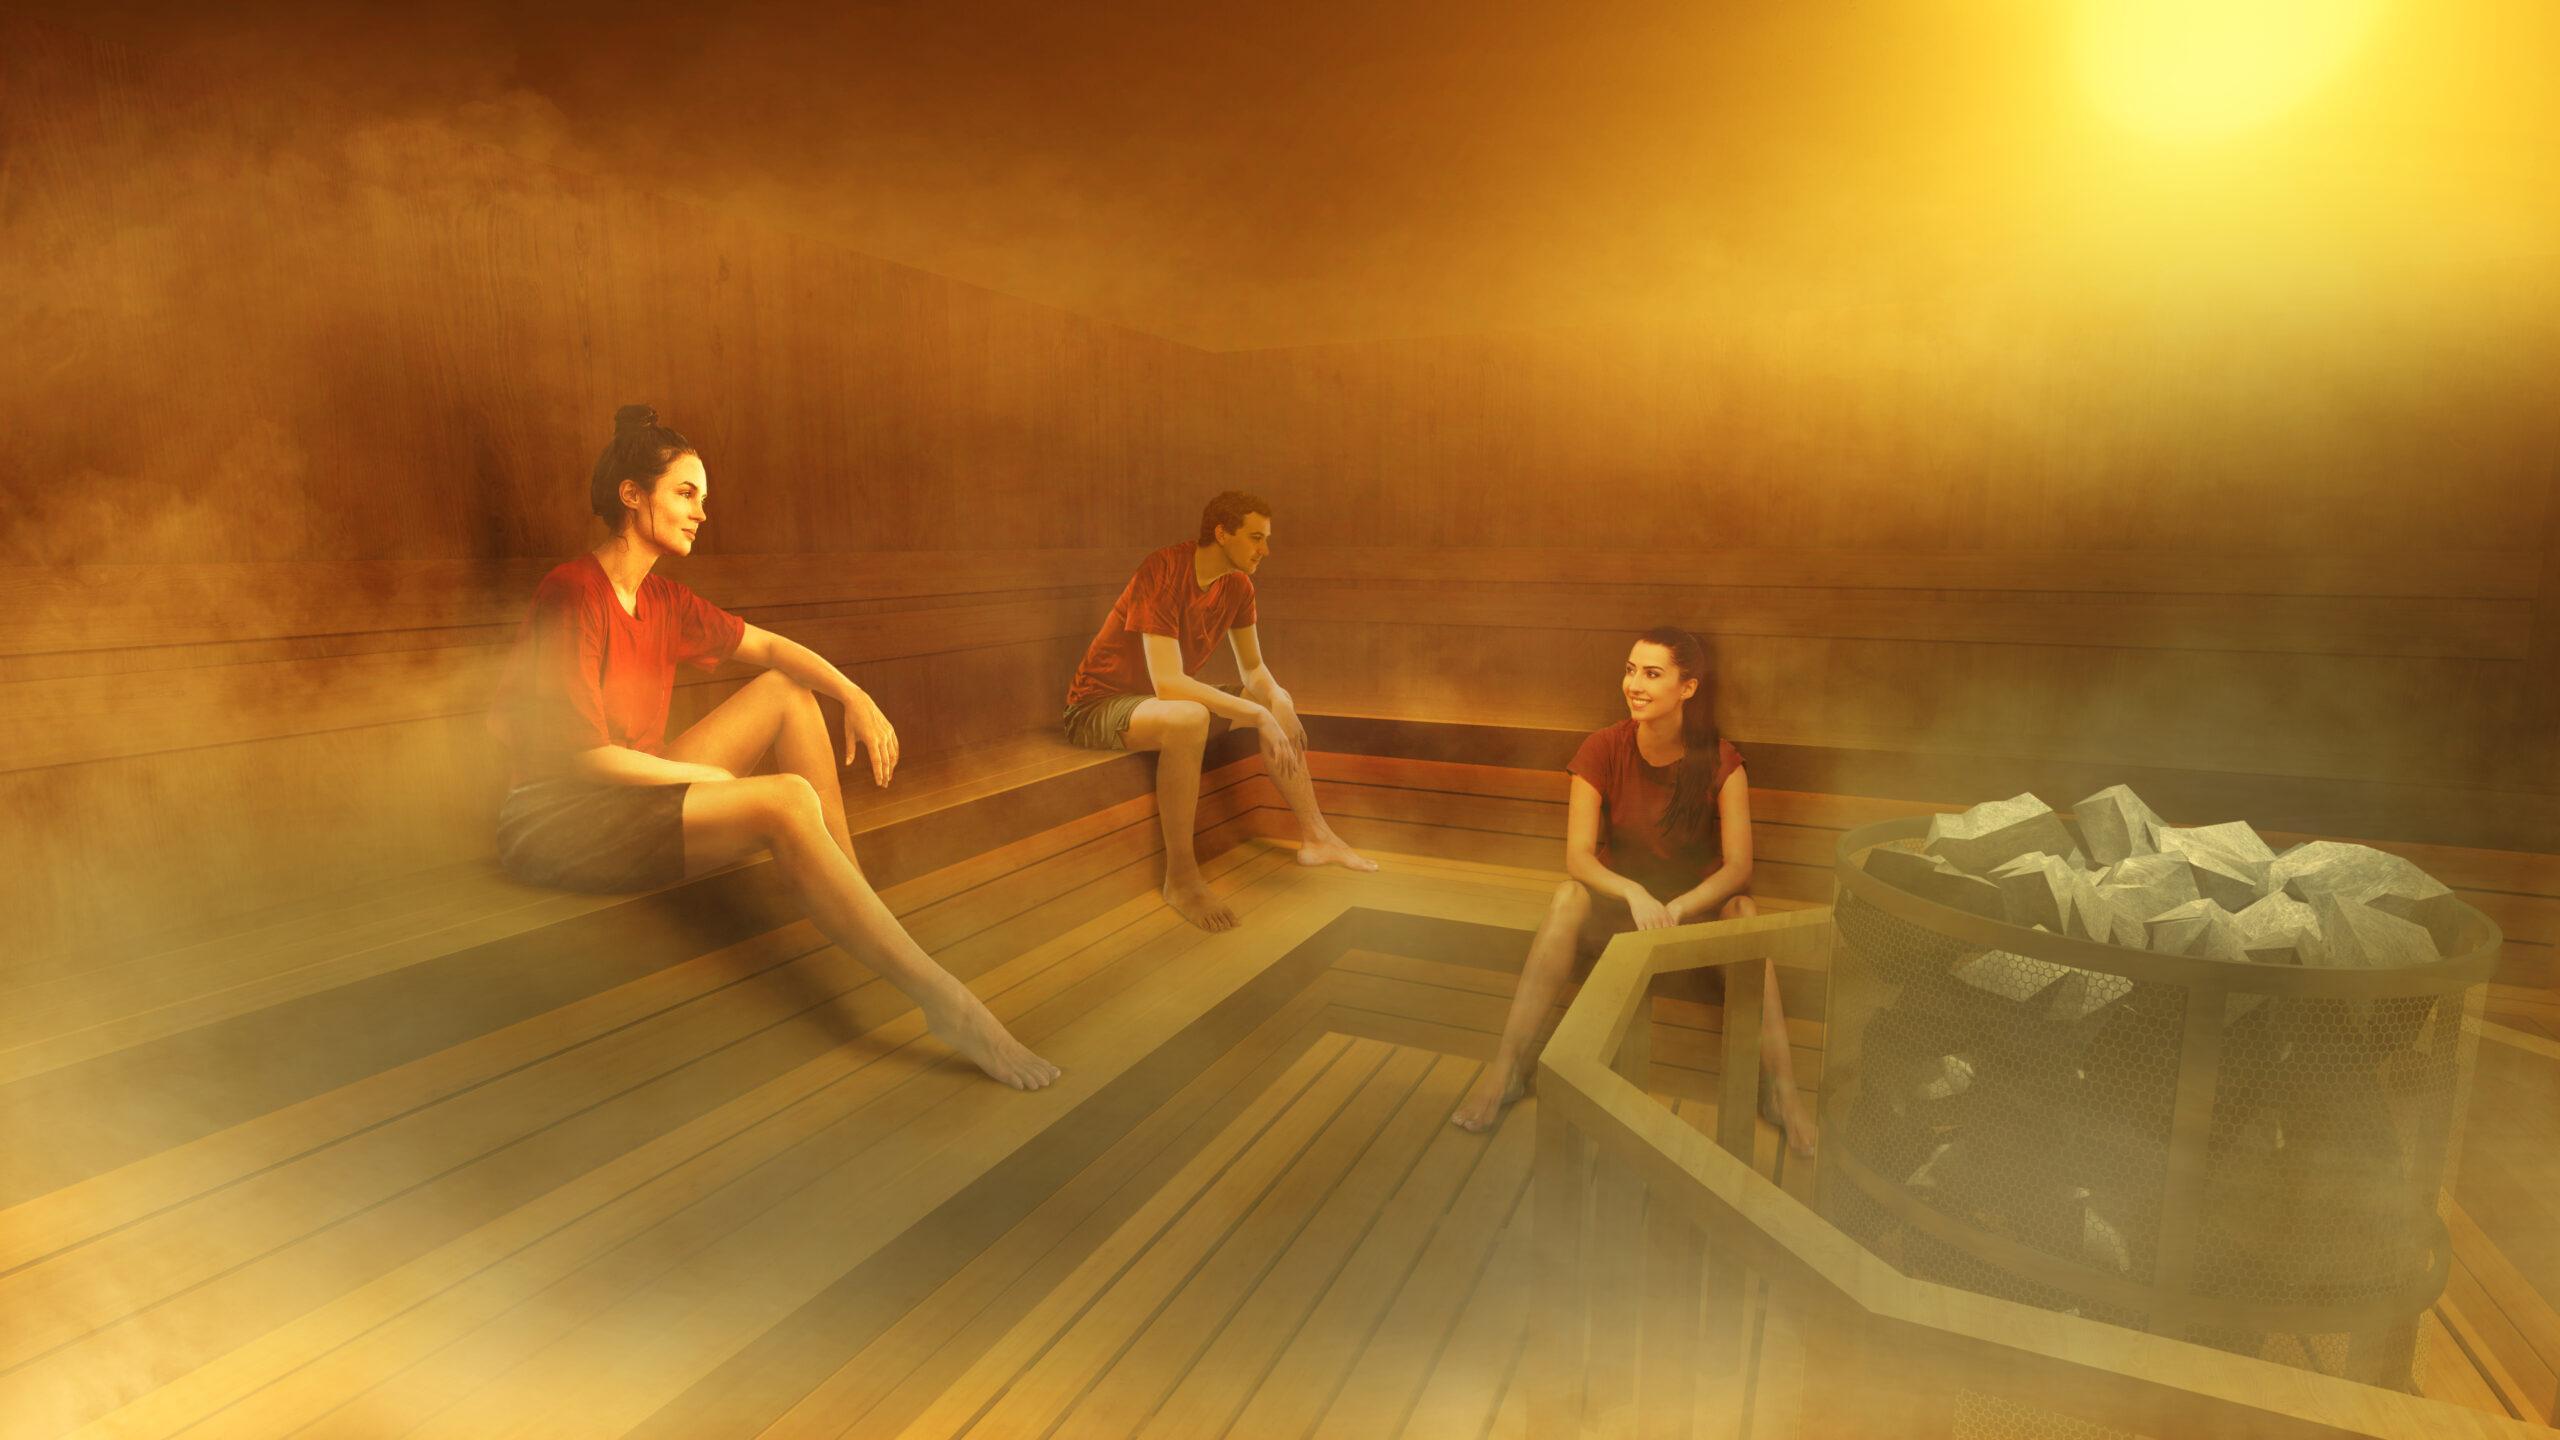 サウナとアートが合体!?チームラボによる、サウナとアートによる全く新しい体験「チームラボリコネクト」が東京・六本木に2021年3月に半年間限定でオープン